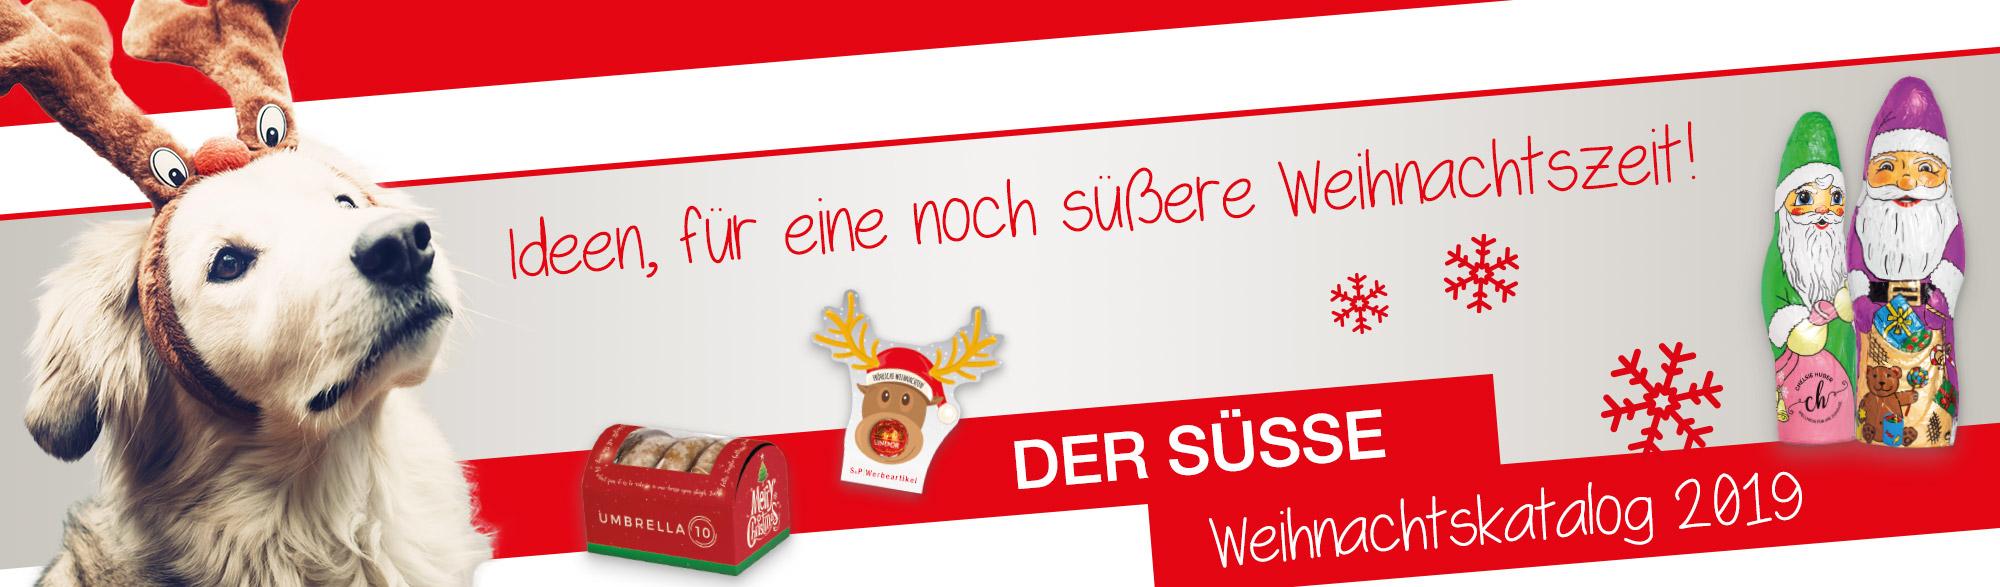 Slider – Der Süße Weihnachtskatalog